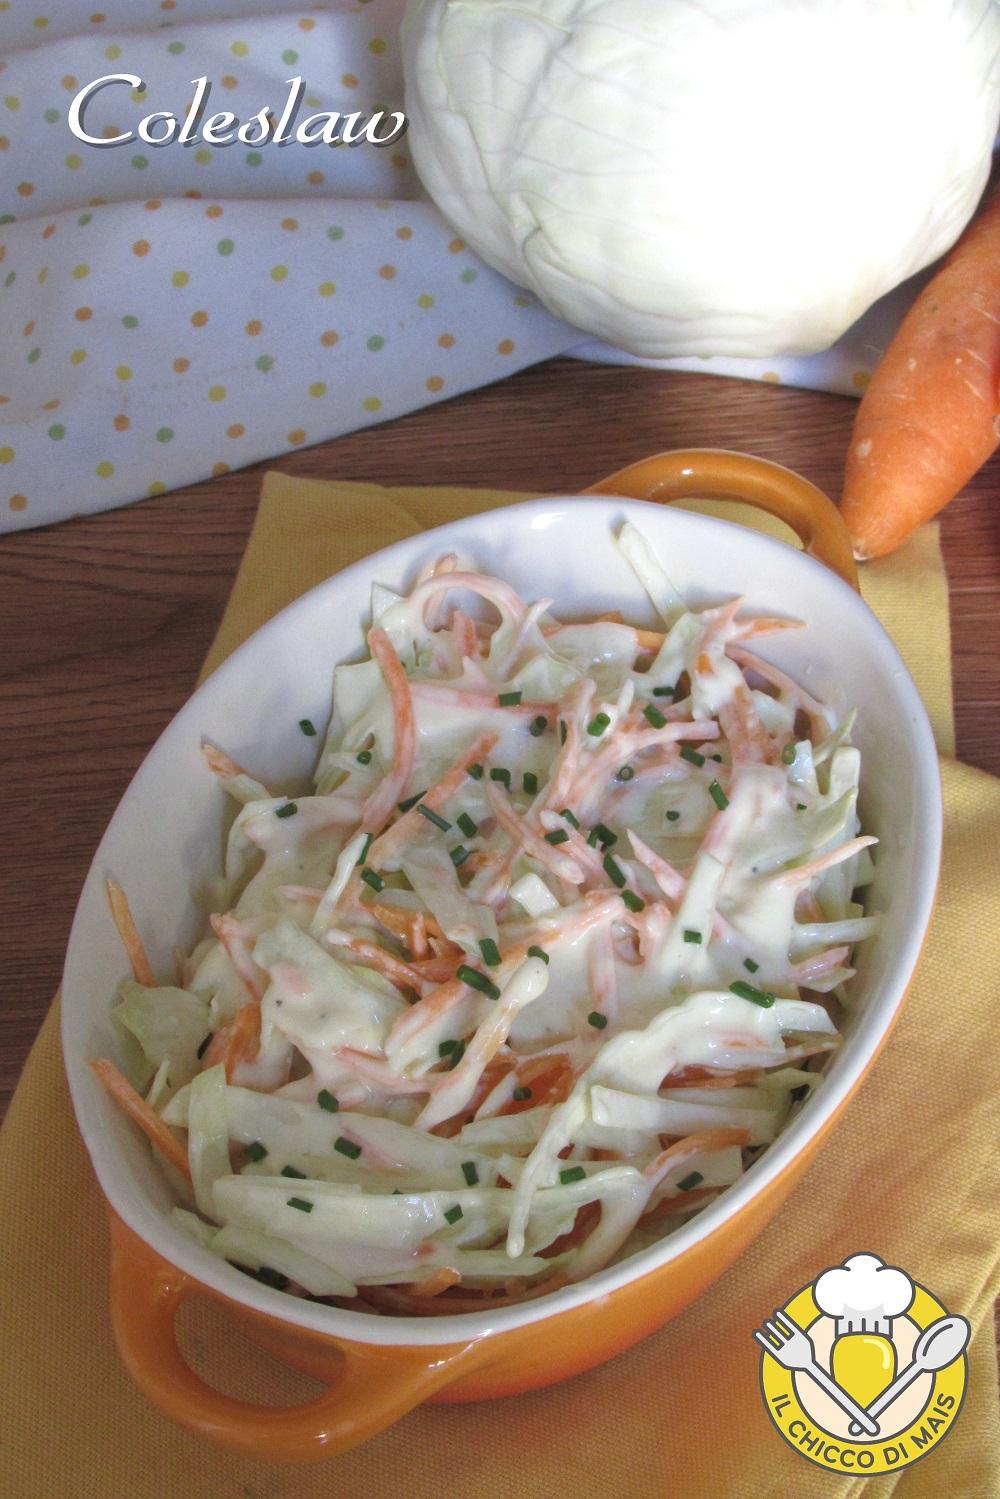 verticale_coleslaw insalata di cavolo americana con carote e salsa allo yogurt per hamburger ricetta originale americana il chicco di mais